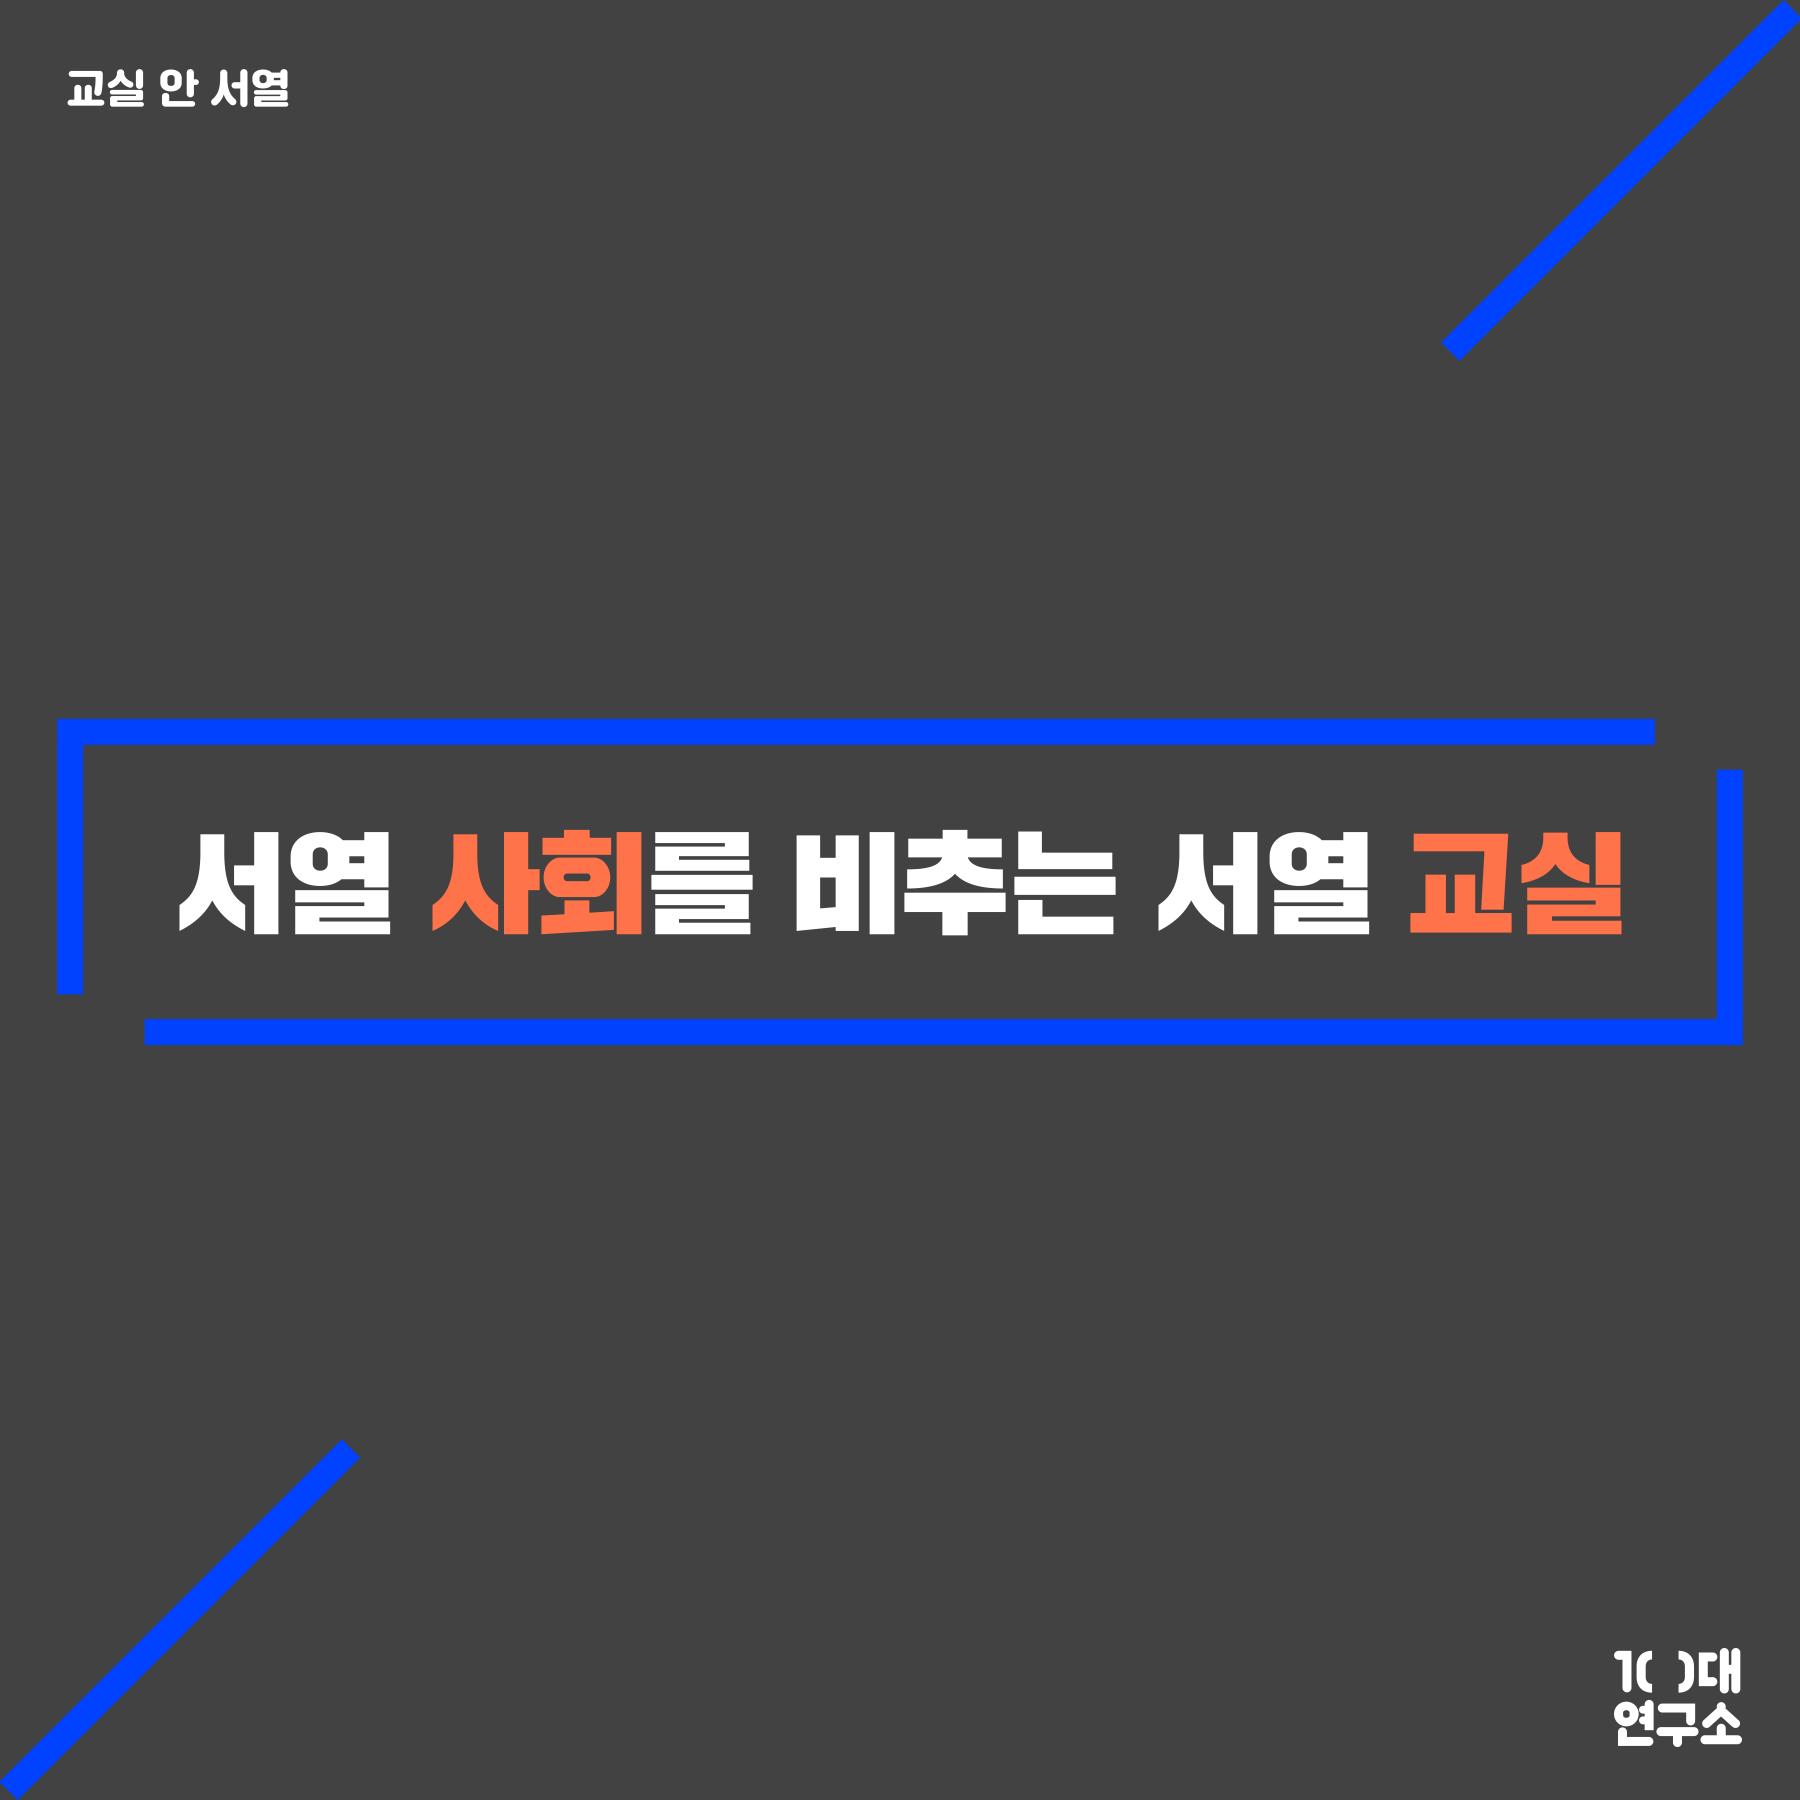 교실 안 서열_18.png